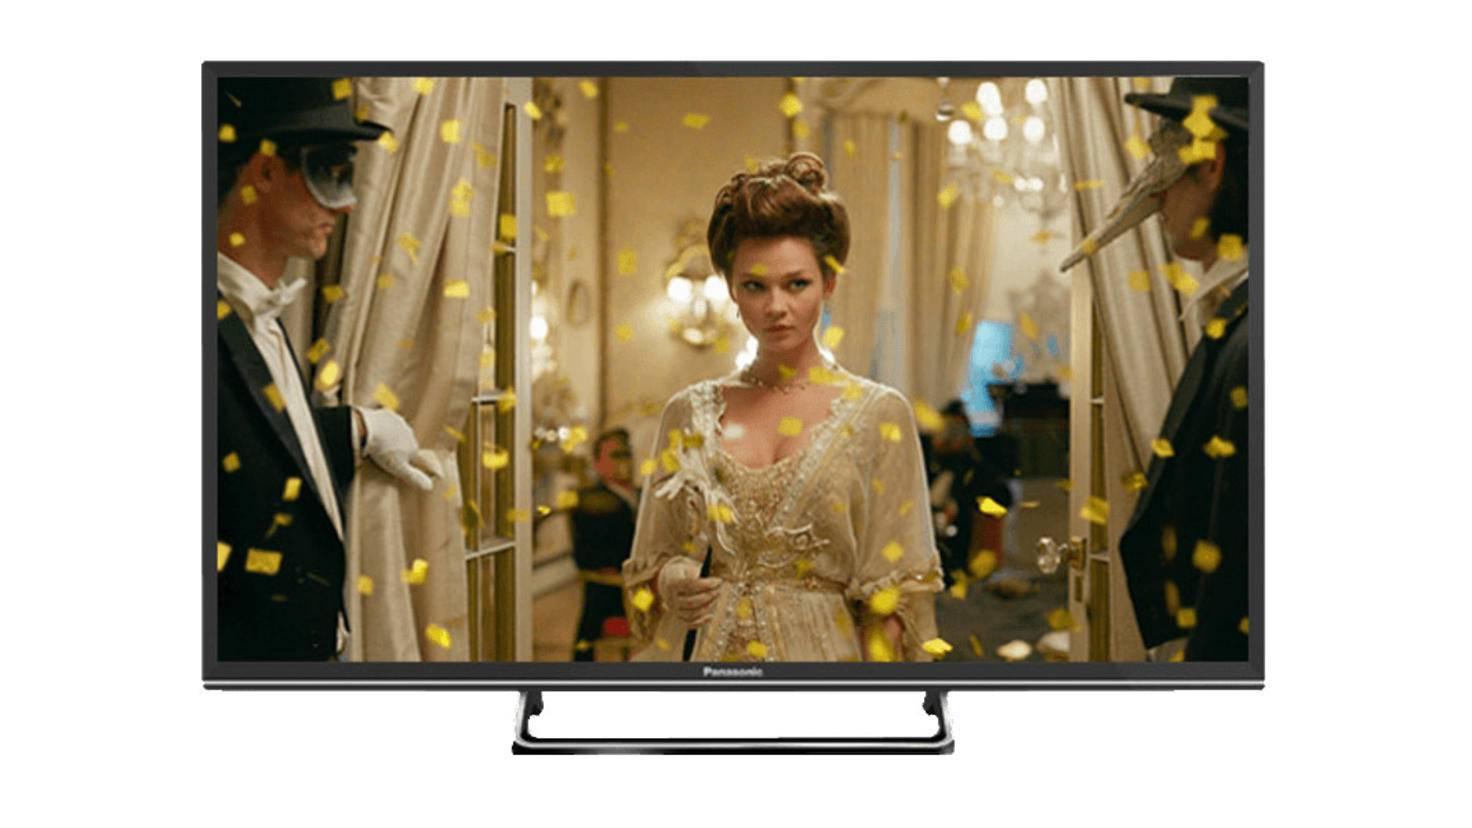 kleiner fernseher 6 empfehlenswerte 24 zoll tvs f r die k che. Black Bedroom Furniture Sets. Home Design Ideas